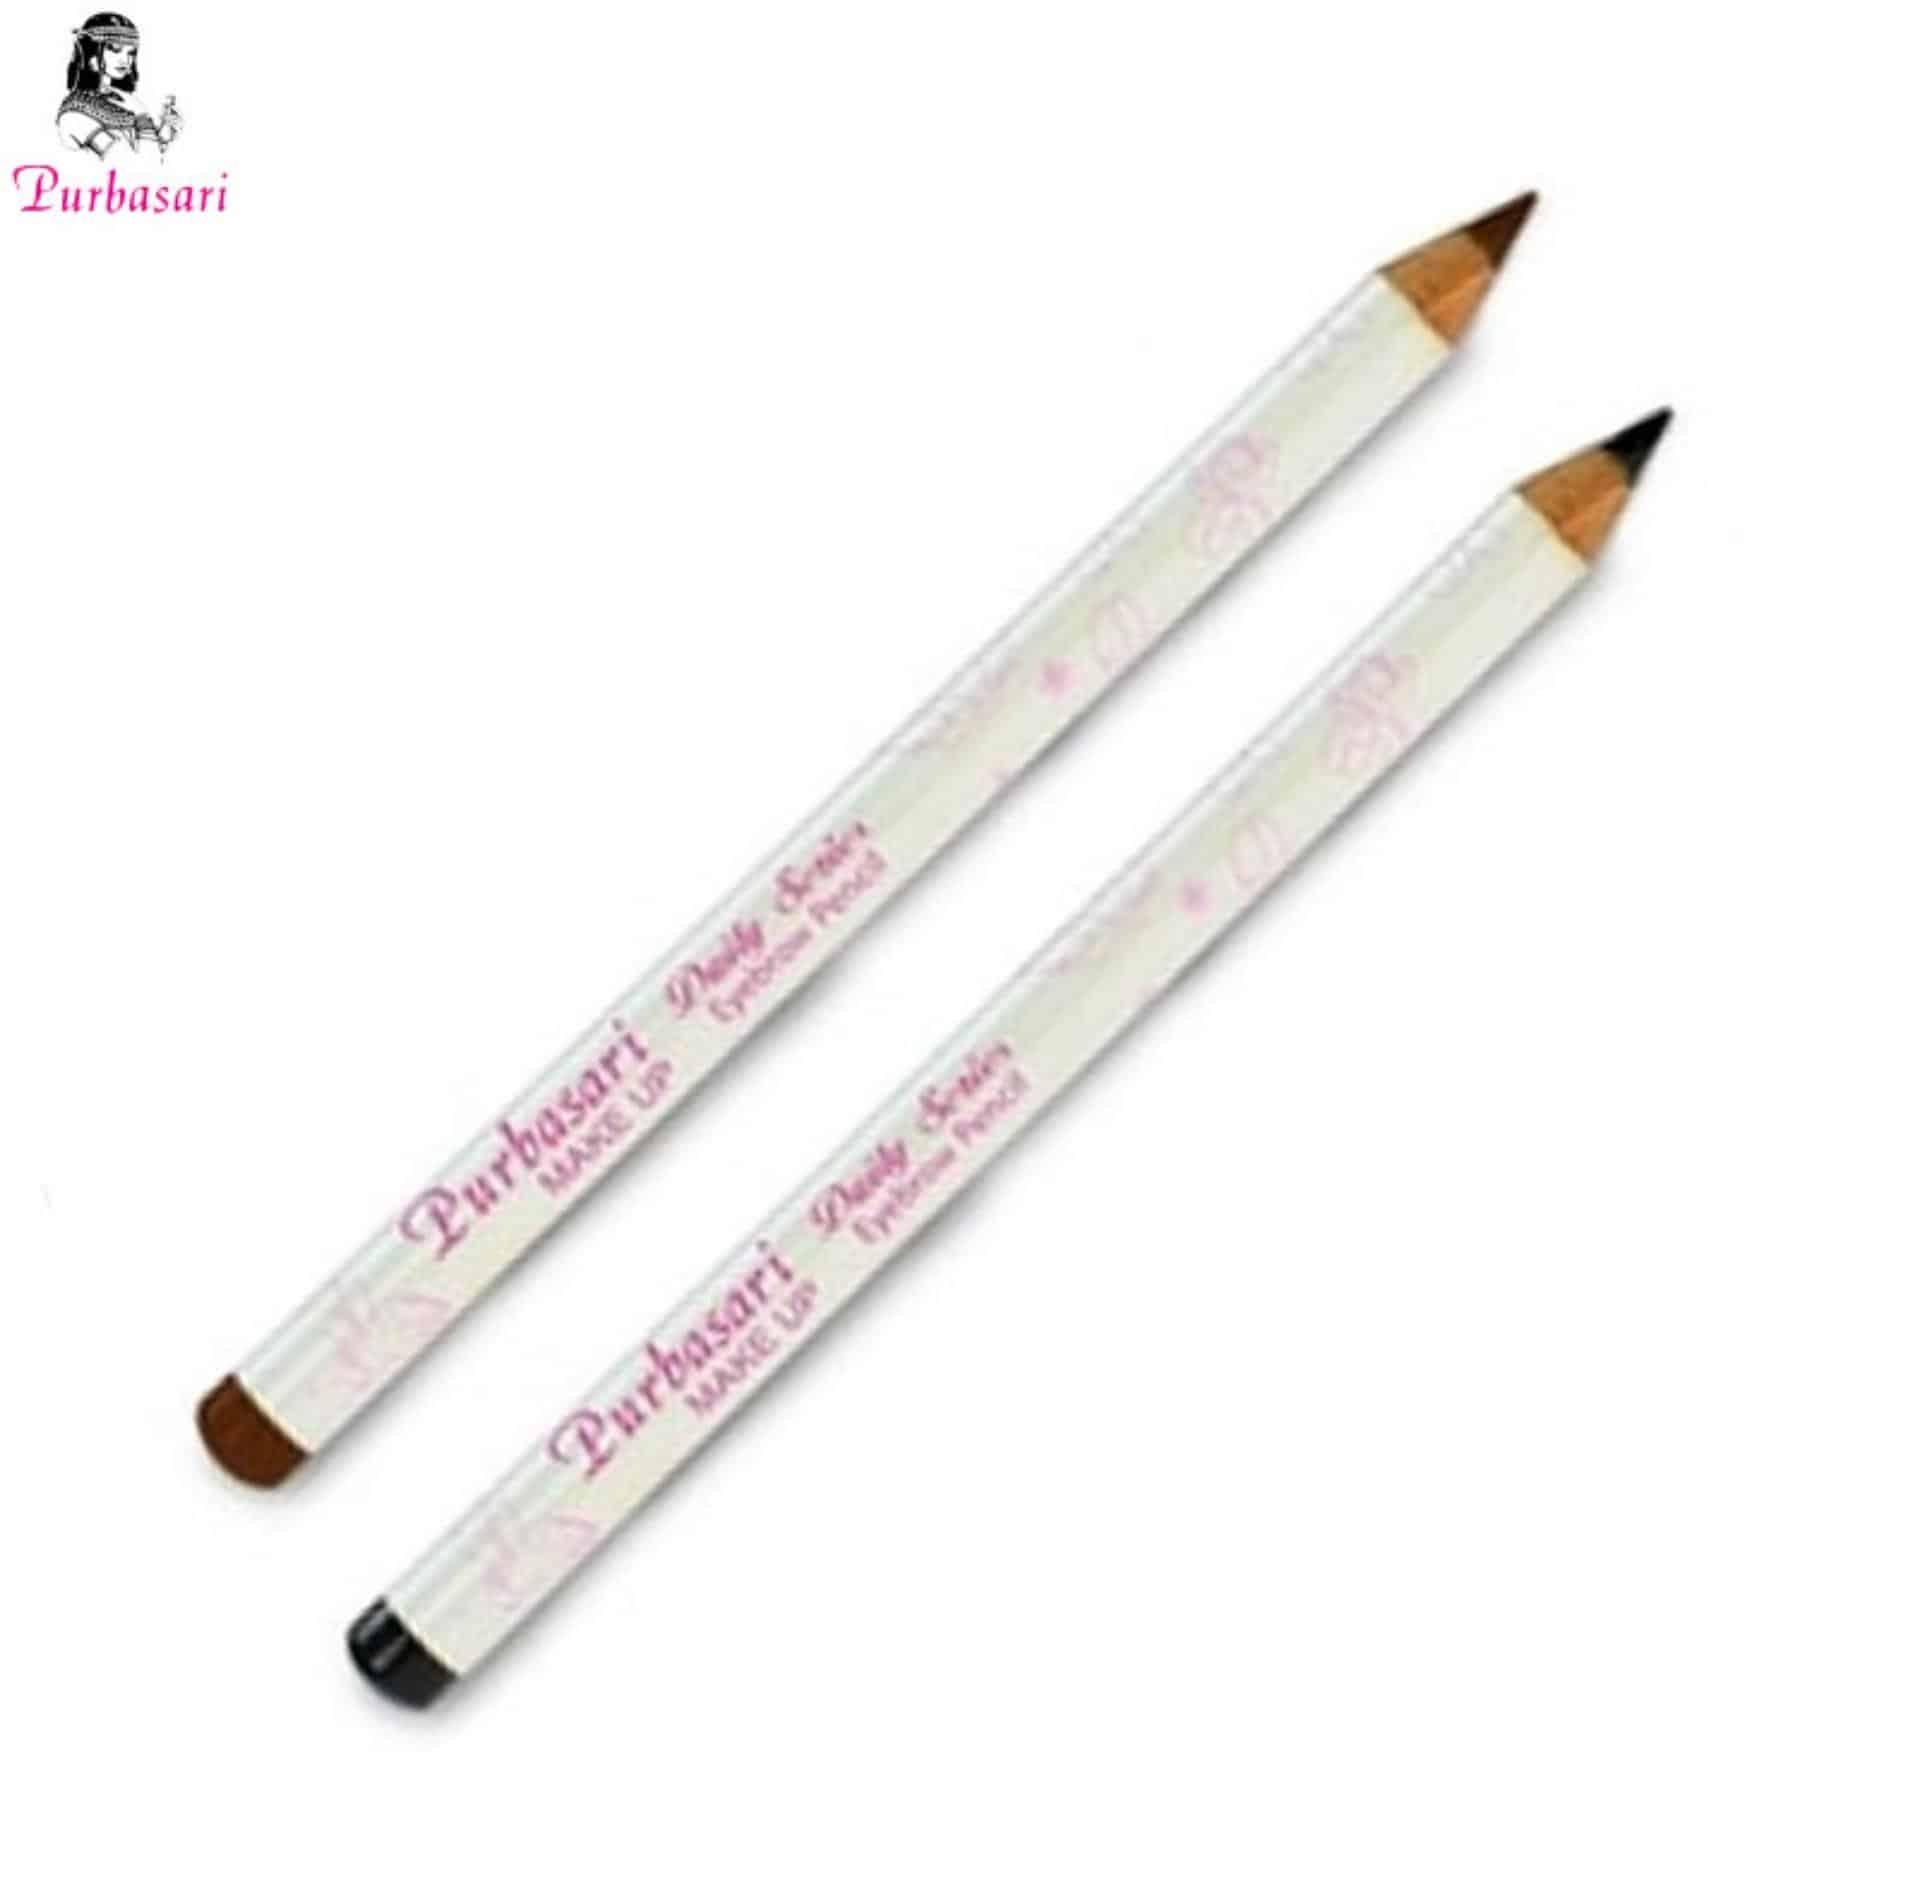 Eyebrow-Pencil-Dily-Series-Purbasari